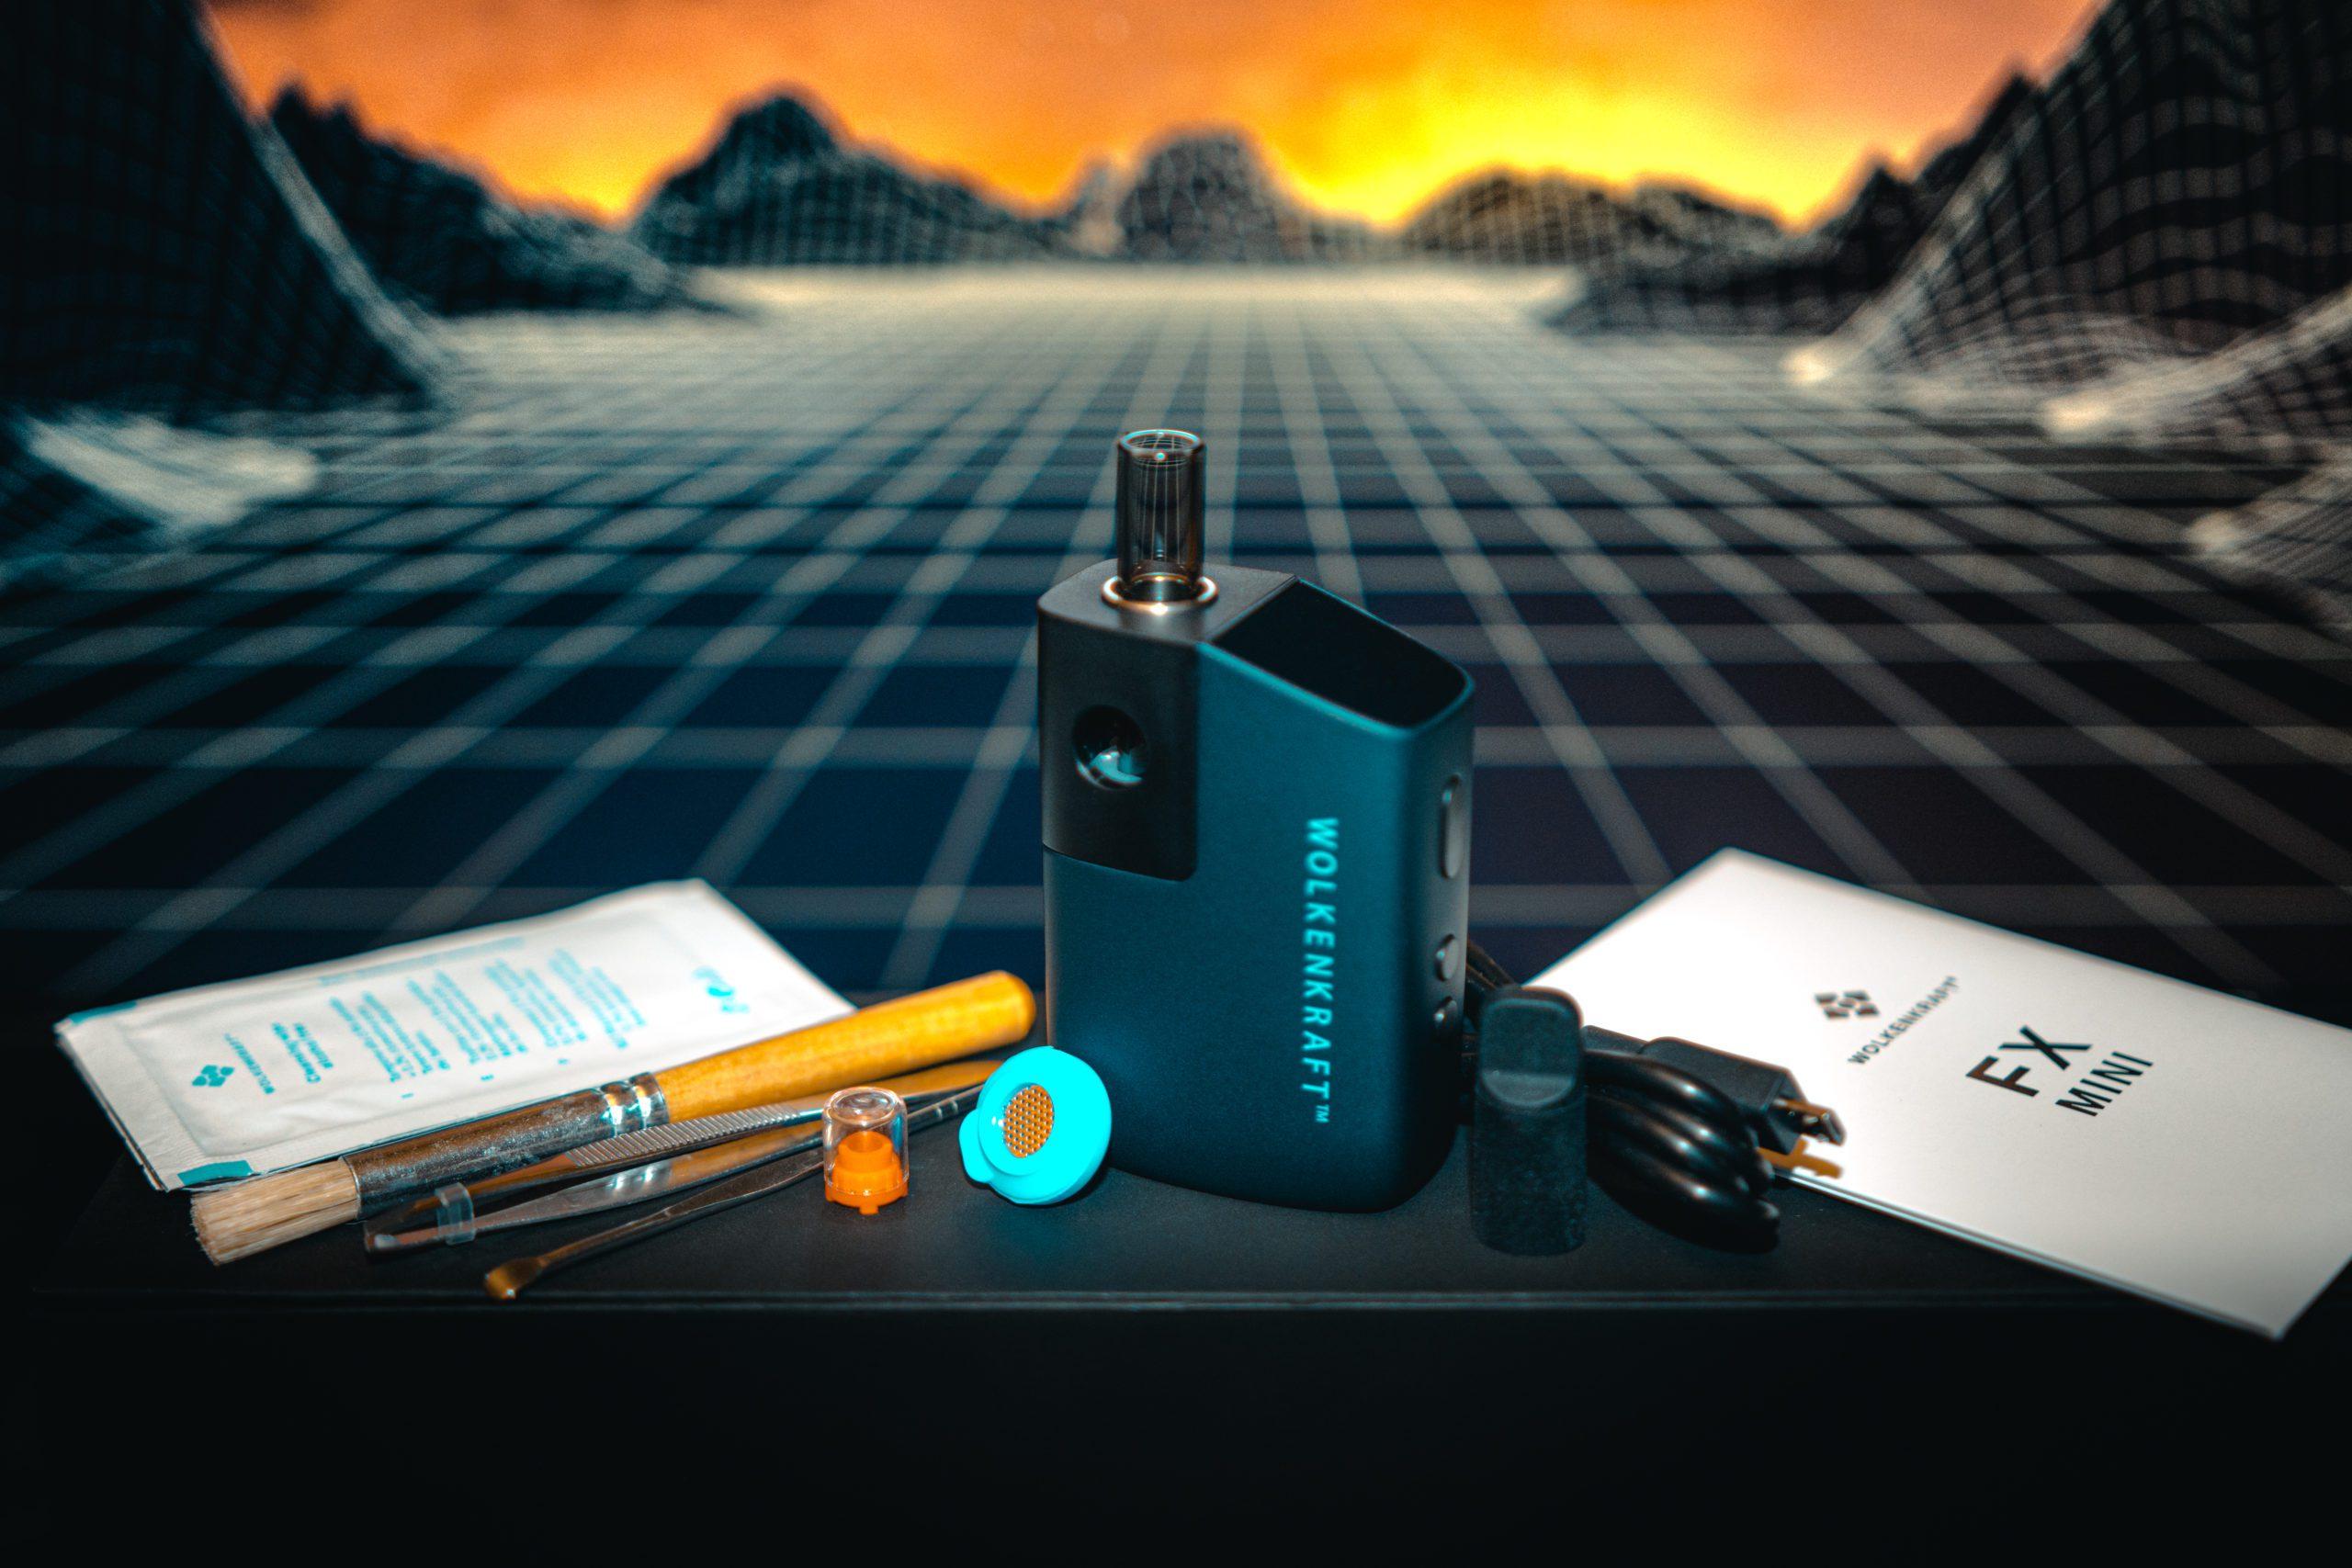 Wolkenkraft FX Mini Vaporizer accessories